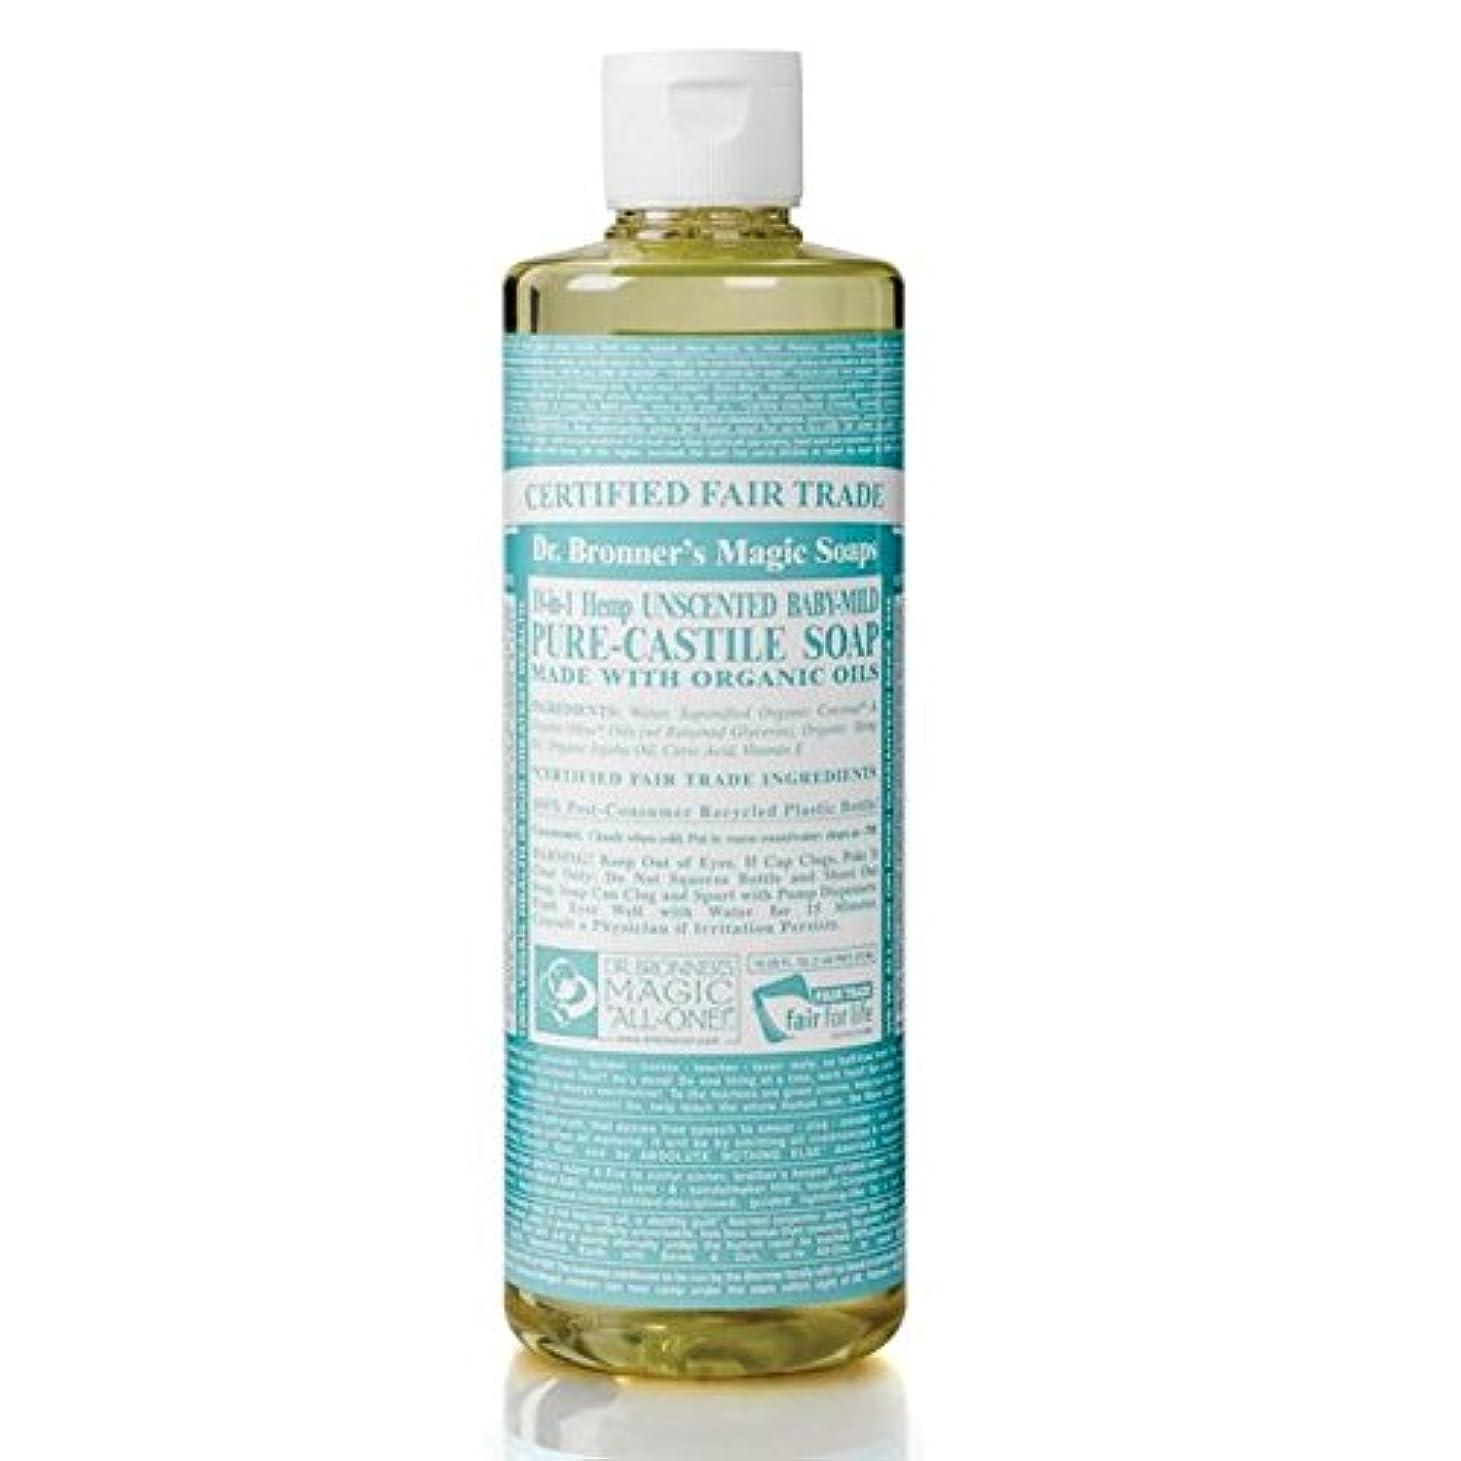 オッズバタフライ運賃Dr Bronner Organic Baby Mild Castile Liquid Soap 473ml (Pack of 6) - のブロナーオーガニックベビーマイルドなカスティーリャ液体石鹸473ミリリットル x6...